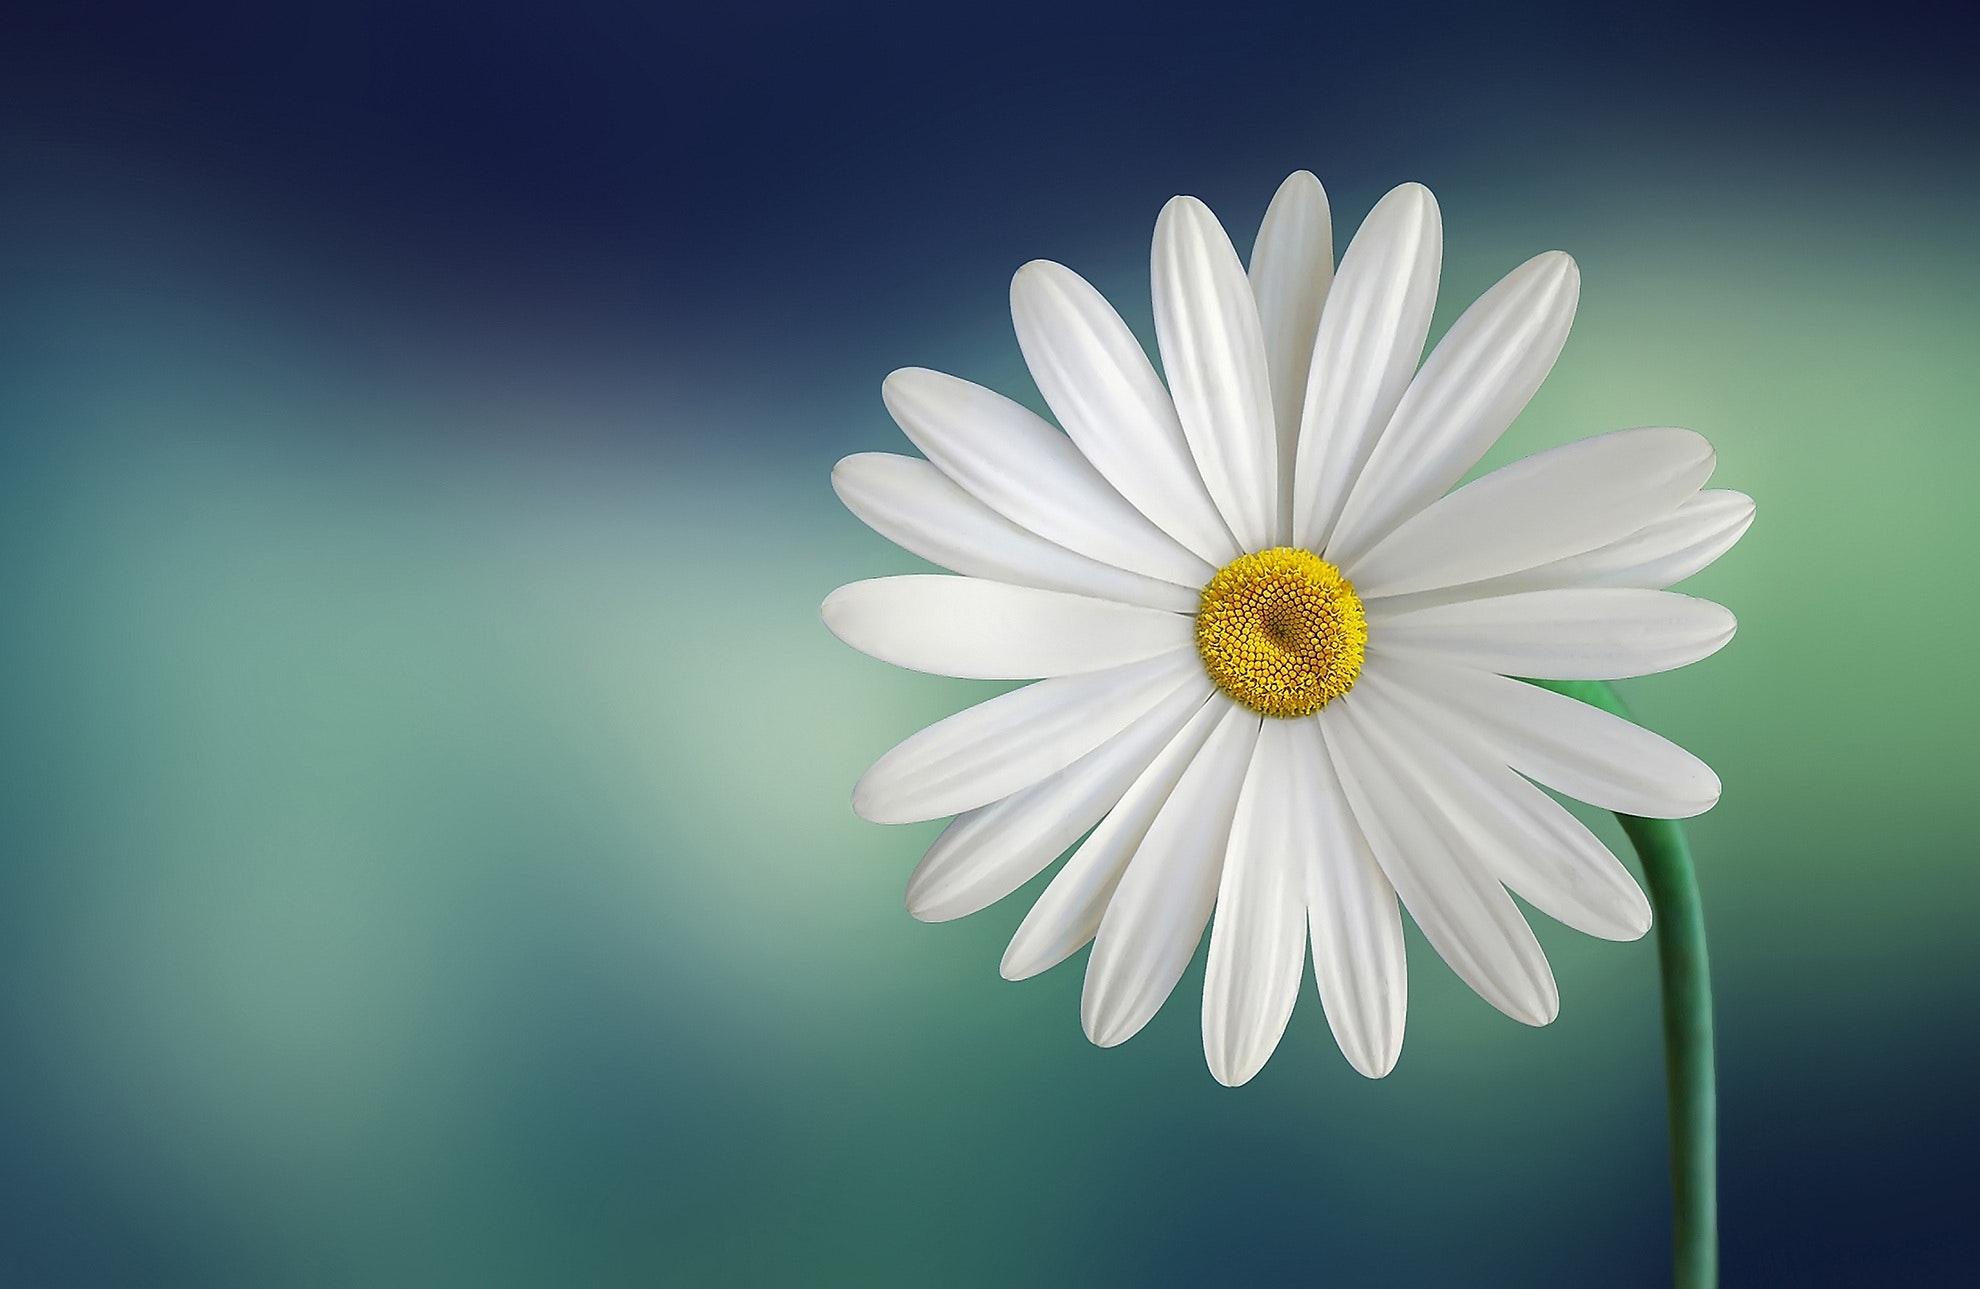 Hình nền hoa đơn giản